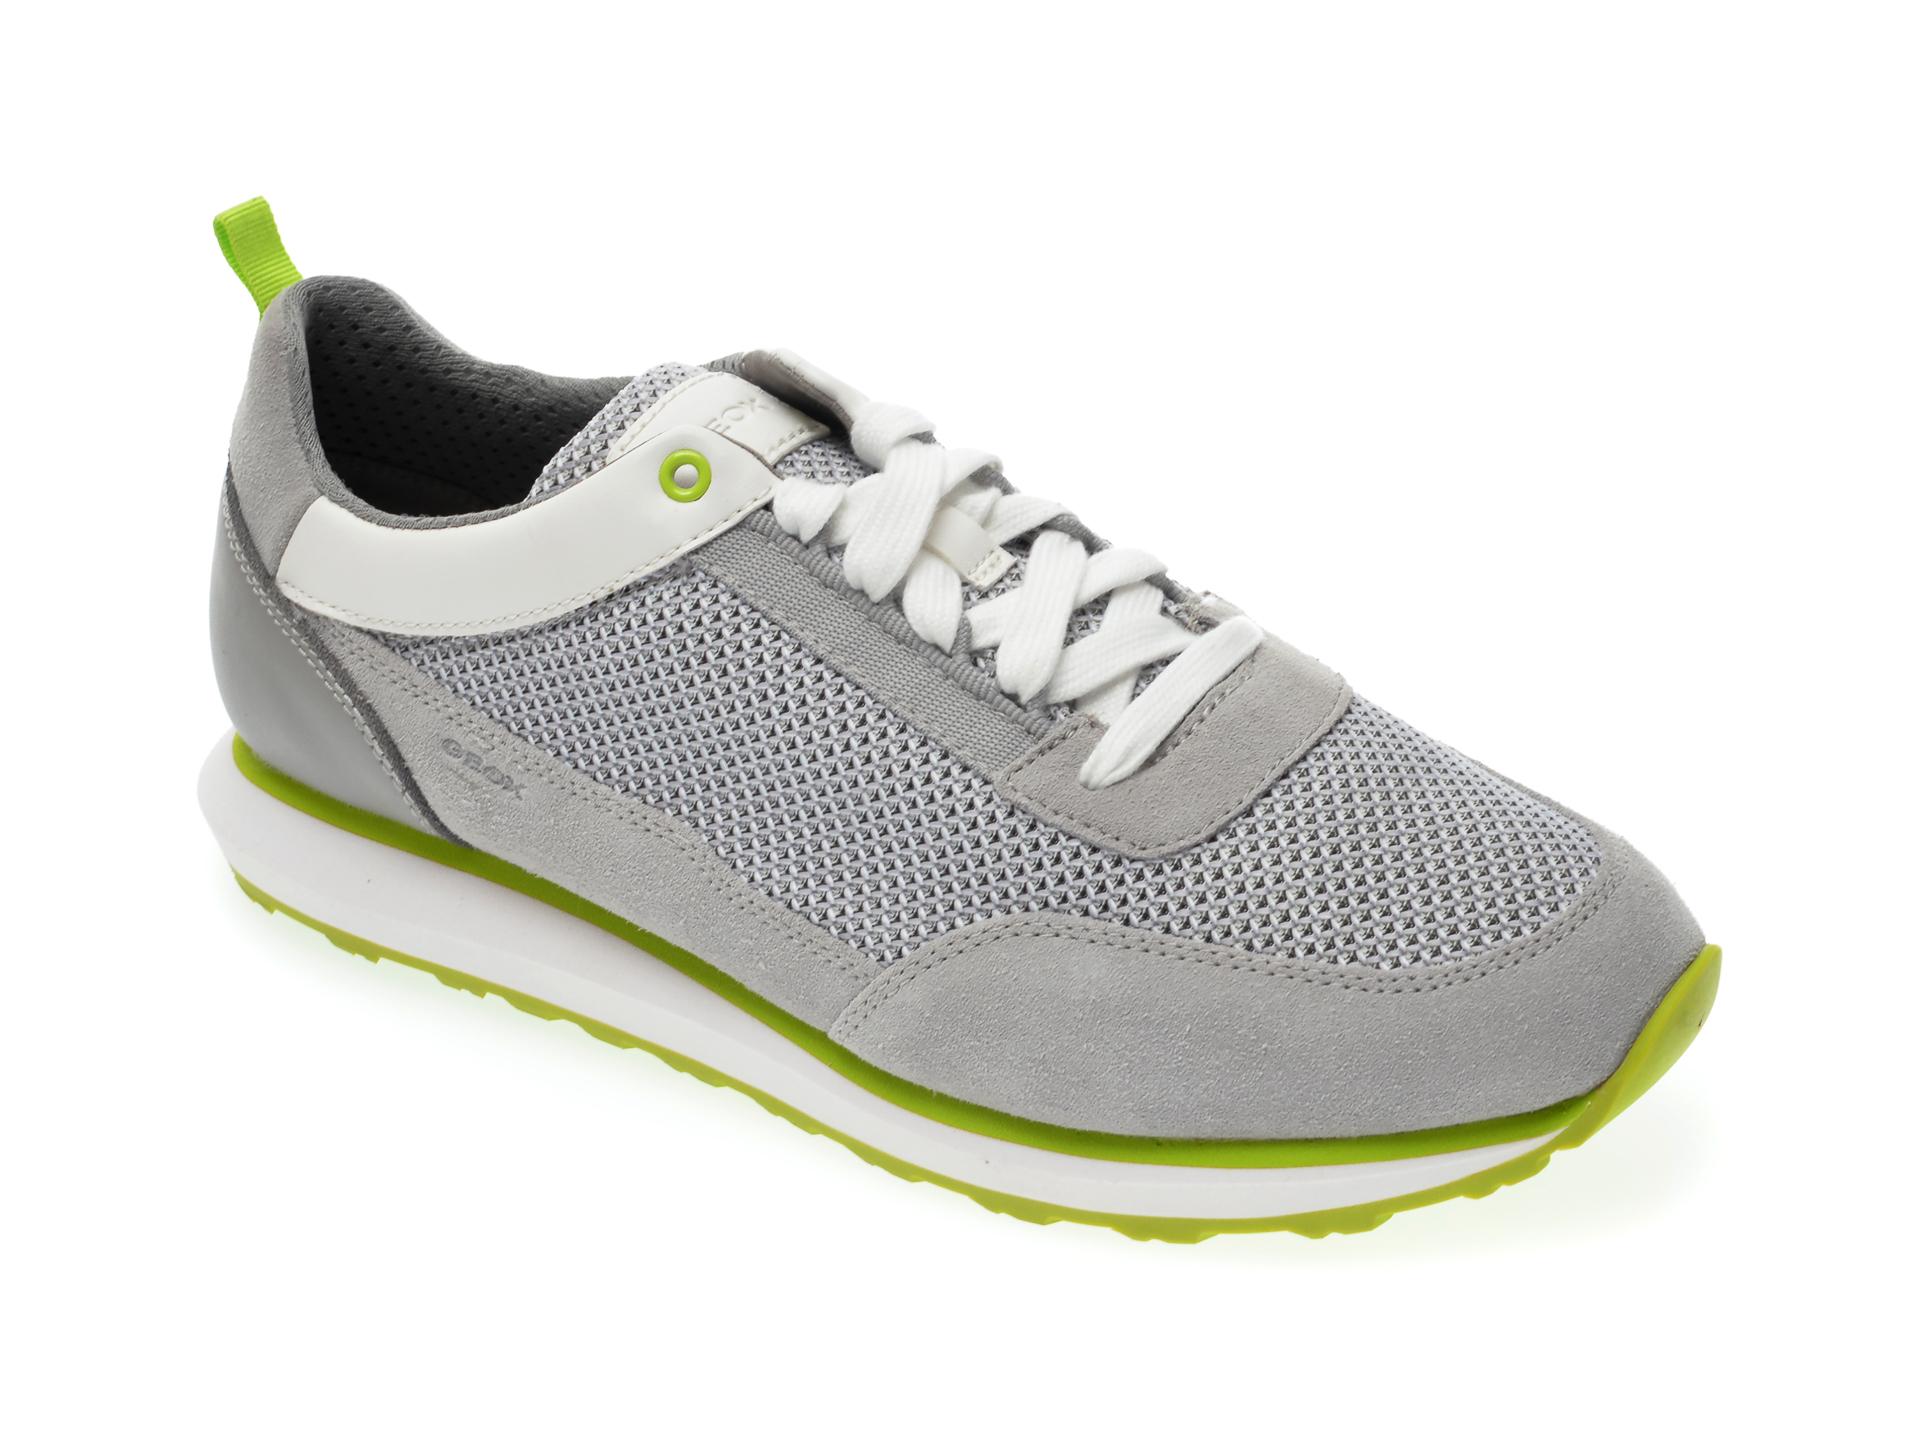 Pantofi sport GEOX sport gri, U029WC, din material textil si piele naturala imagine